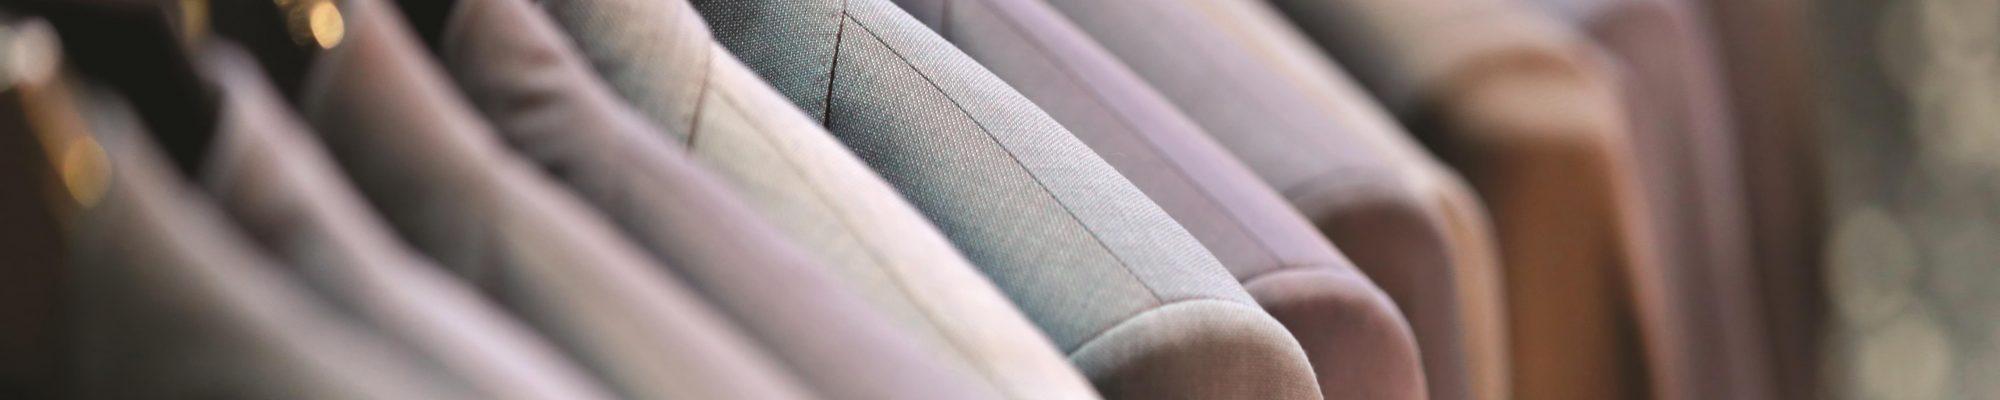 Suit Jackets_72dpi